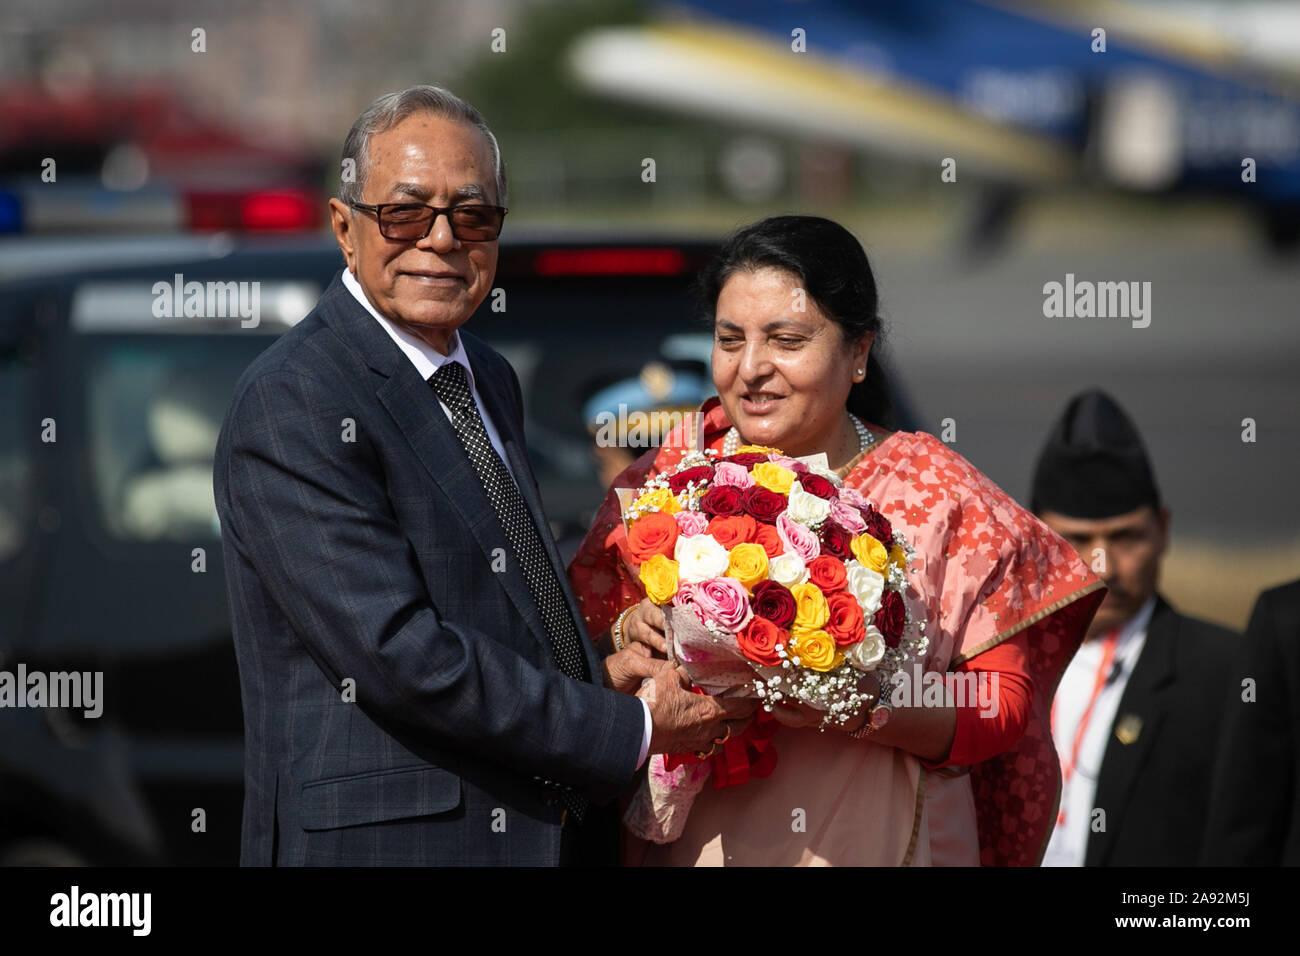 Kathmandu, Nepal. Nov, 2019 20. Präsident von Bangladesh, Abdul Hamid (R) erhält einen Blumenstrauß von Nepals Präsident, Bidhya Devi Bhandari (L) bei seiner Ankunft am Internationalen Flughafen Tribhuvan. Präsident von Bangladesh ist auf einer dreitägigen offiziellen goodwill Besuch in Nepal auf Einladung von Nepals Präsident. Credit: SOPA Images Limited/Alamy leben Nachrichten Stockfoto